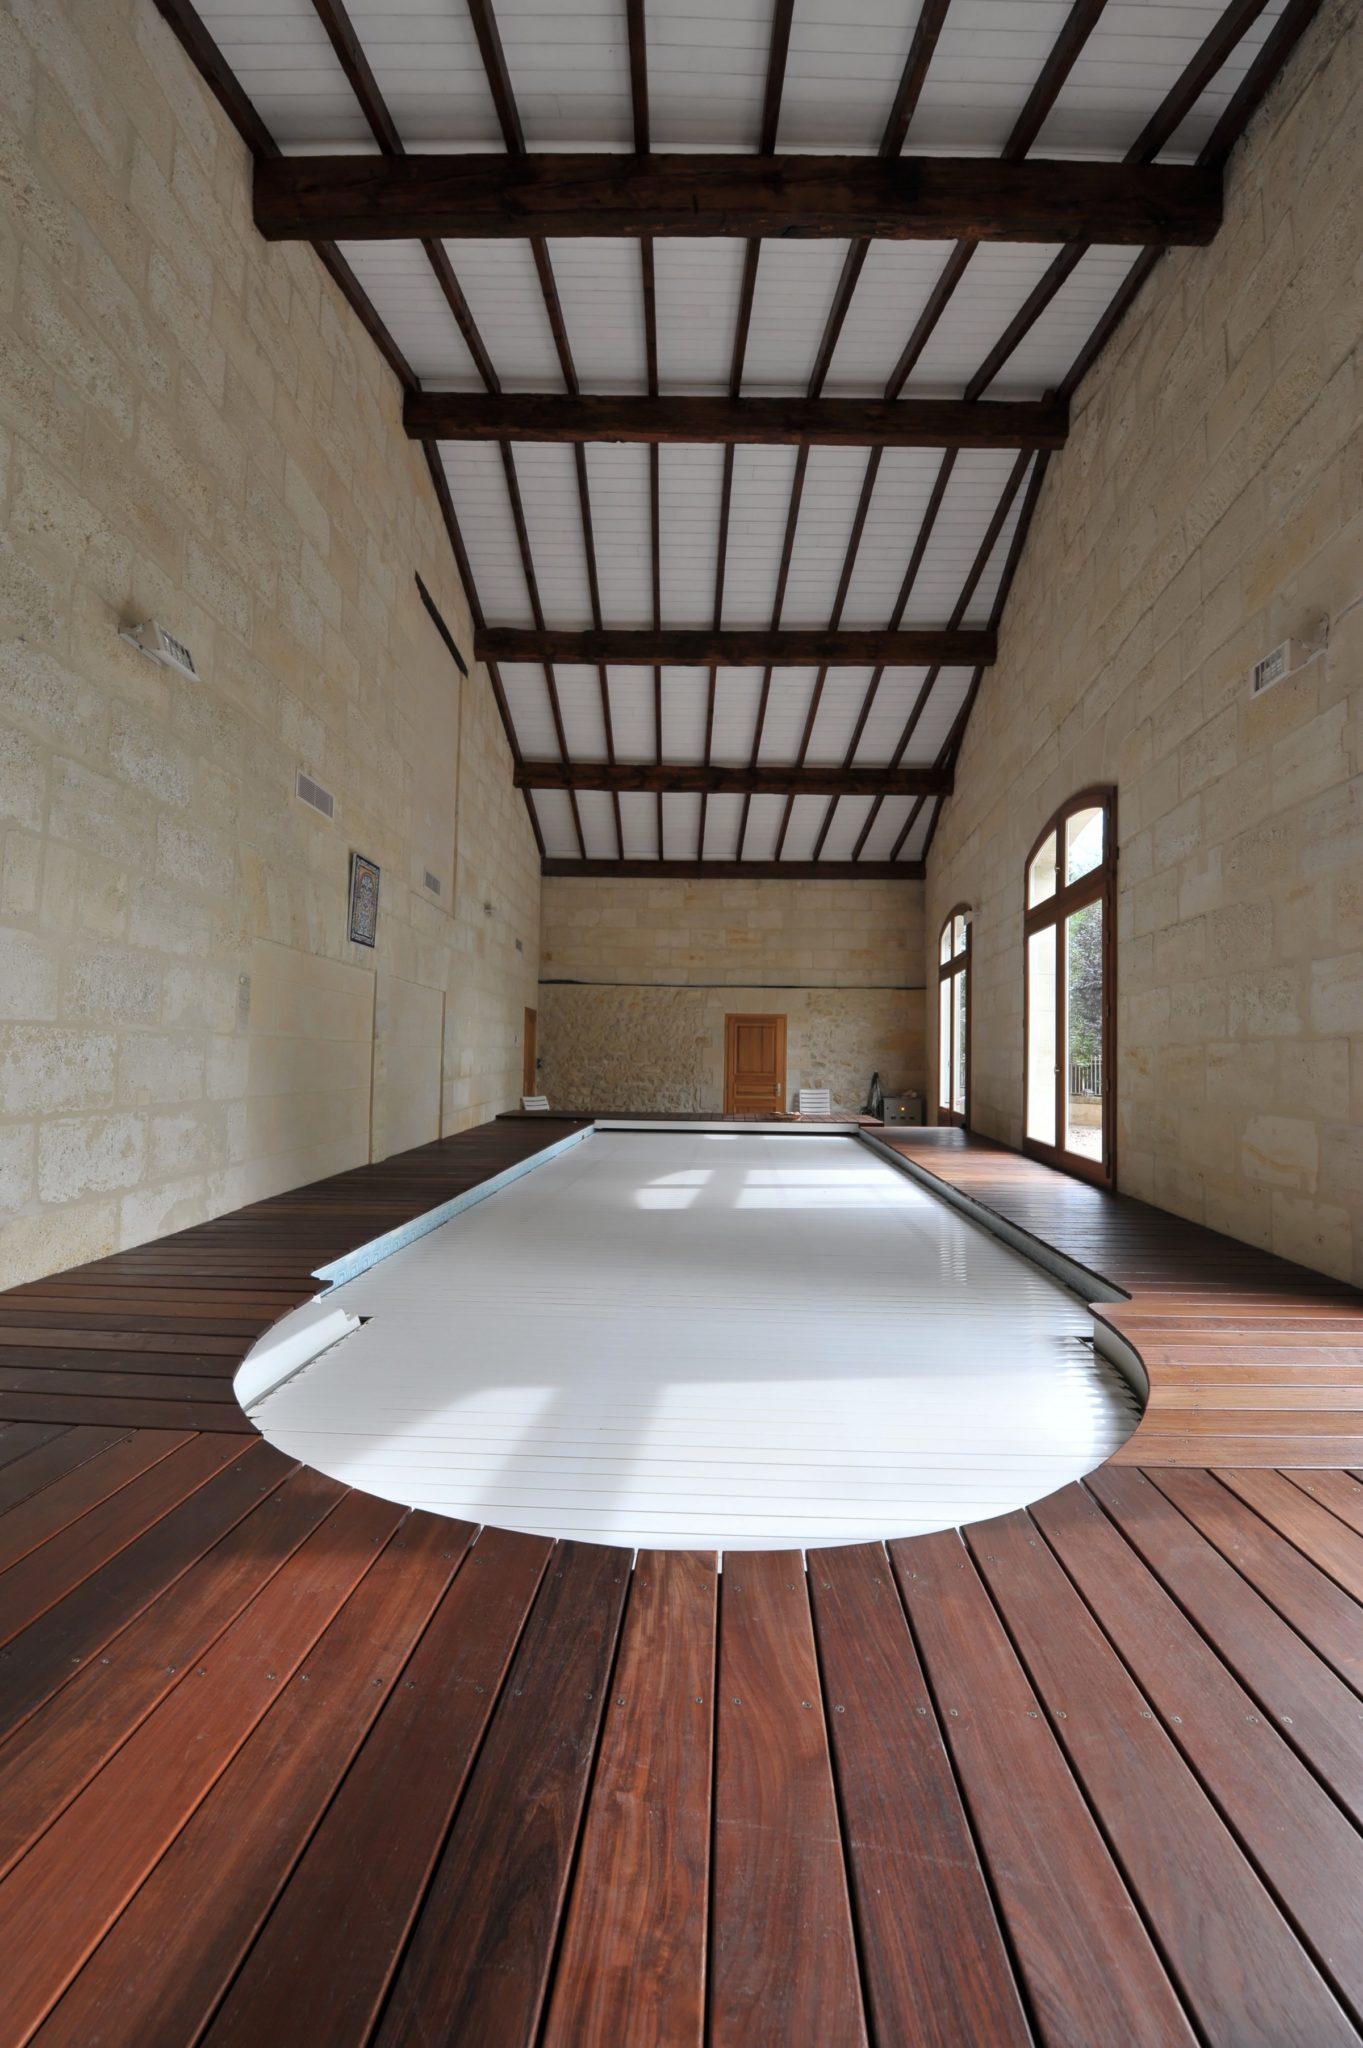 Frais decoration interieur avec volet roulant pour piscine for Constructeur piscine 17